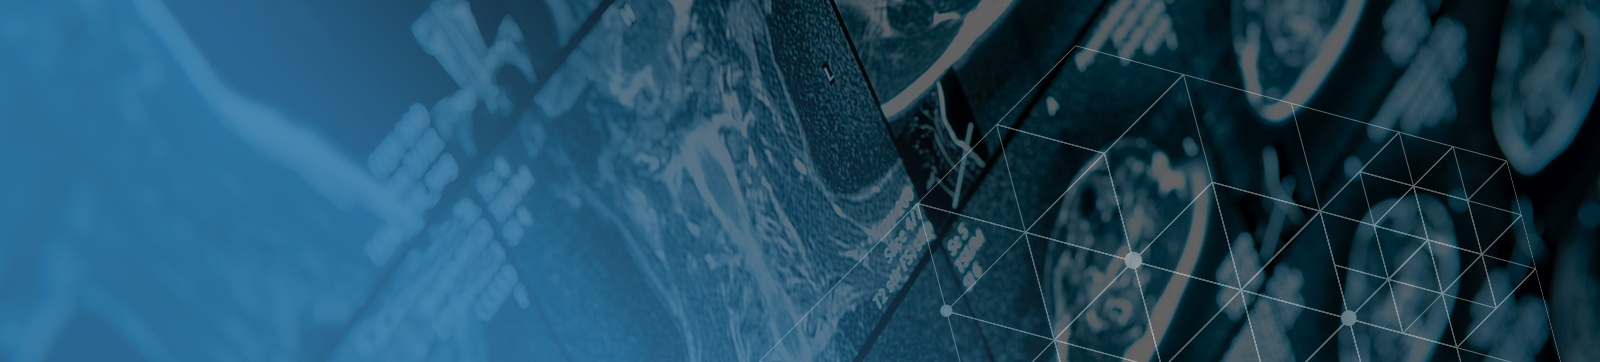 spinalcord-interior-bg.jpg